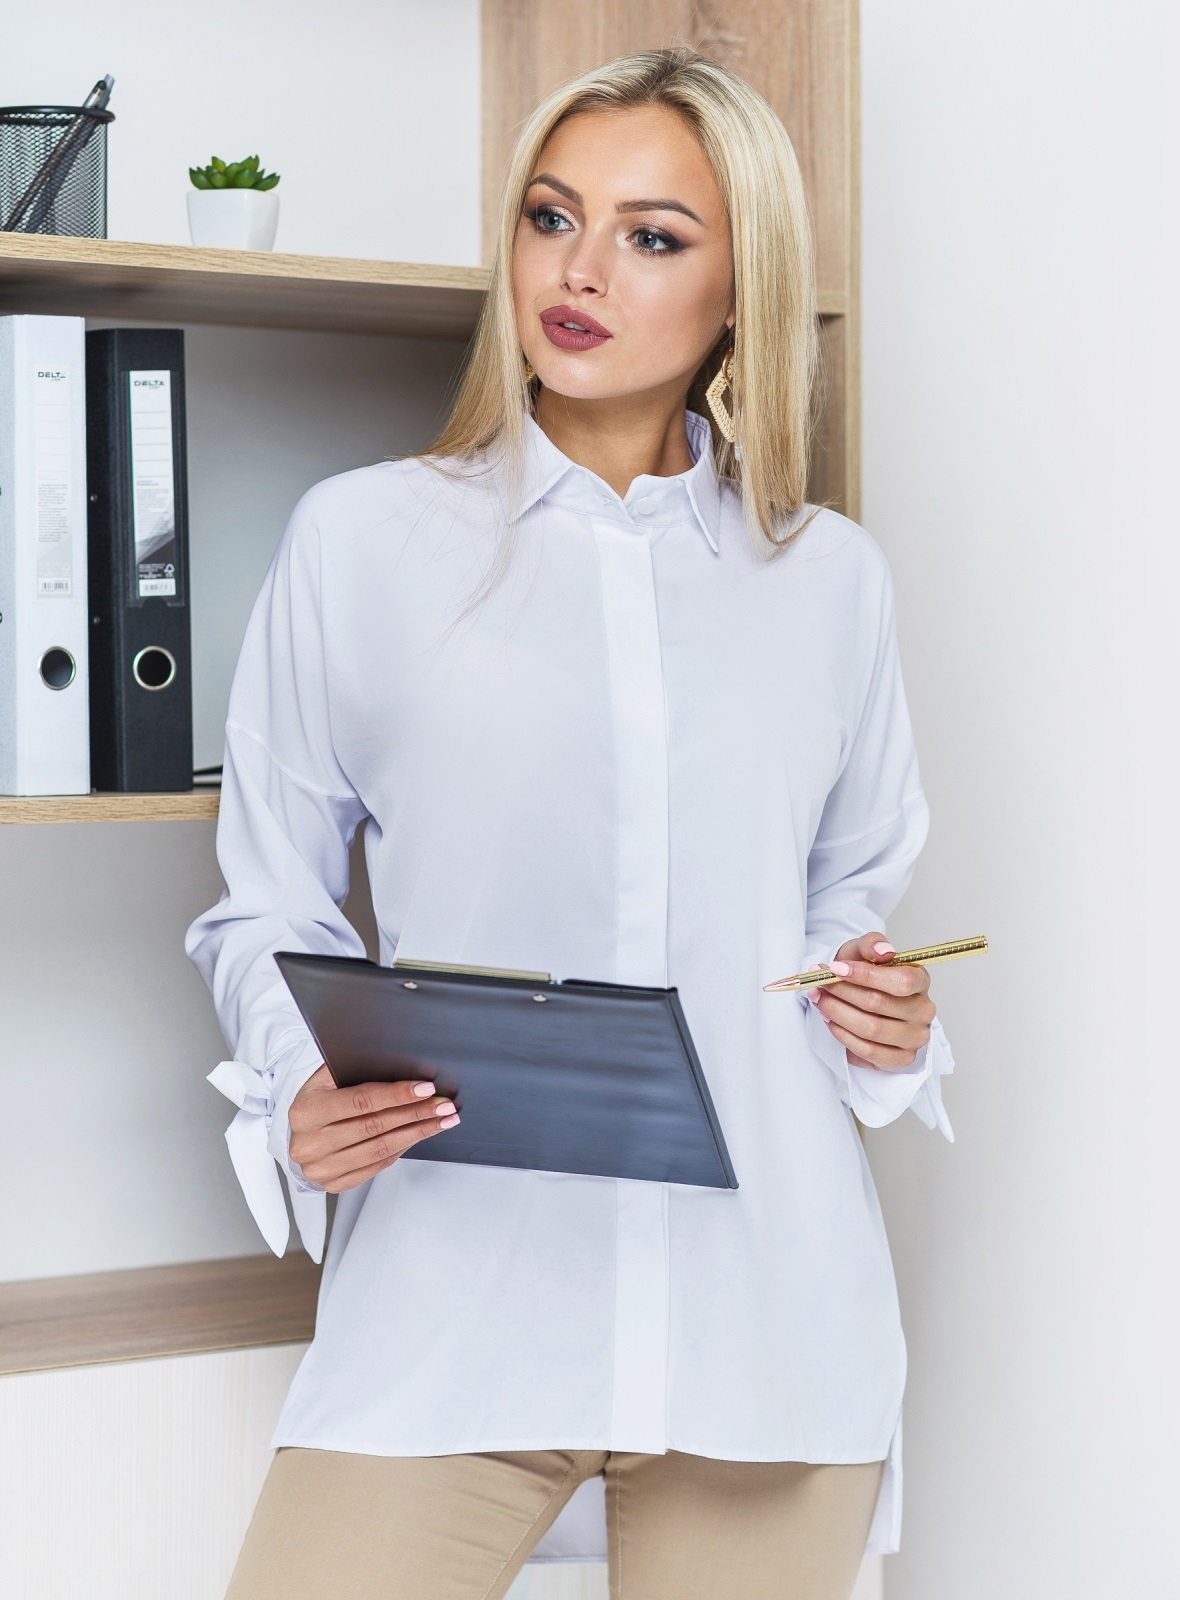 Рубашка с супатной застёжкой и лентами на рукавах - 14567, фото 3 – интернет-магазин Dressa